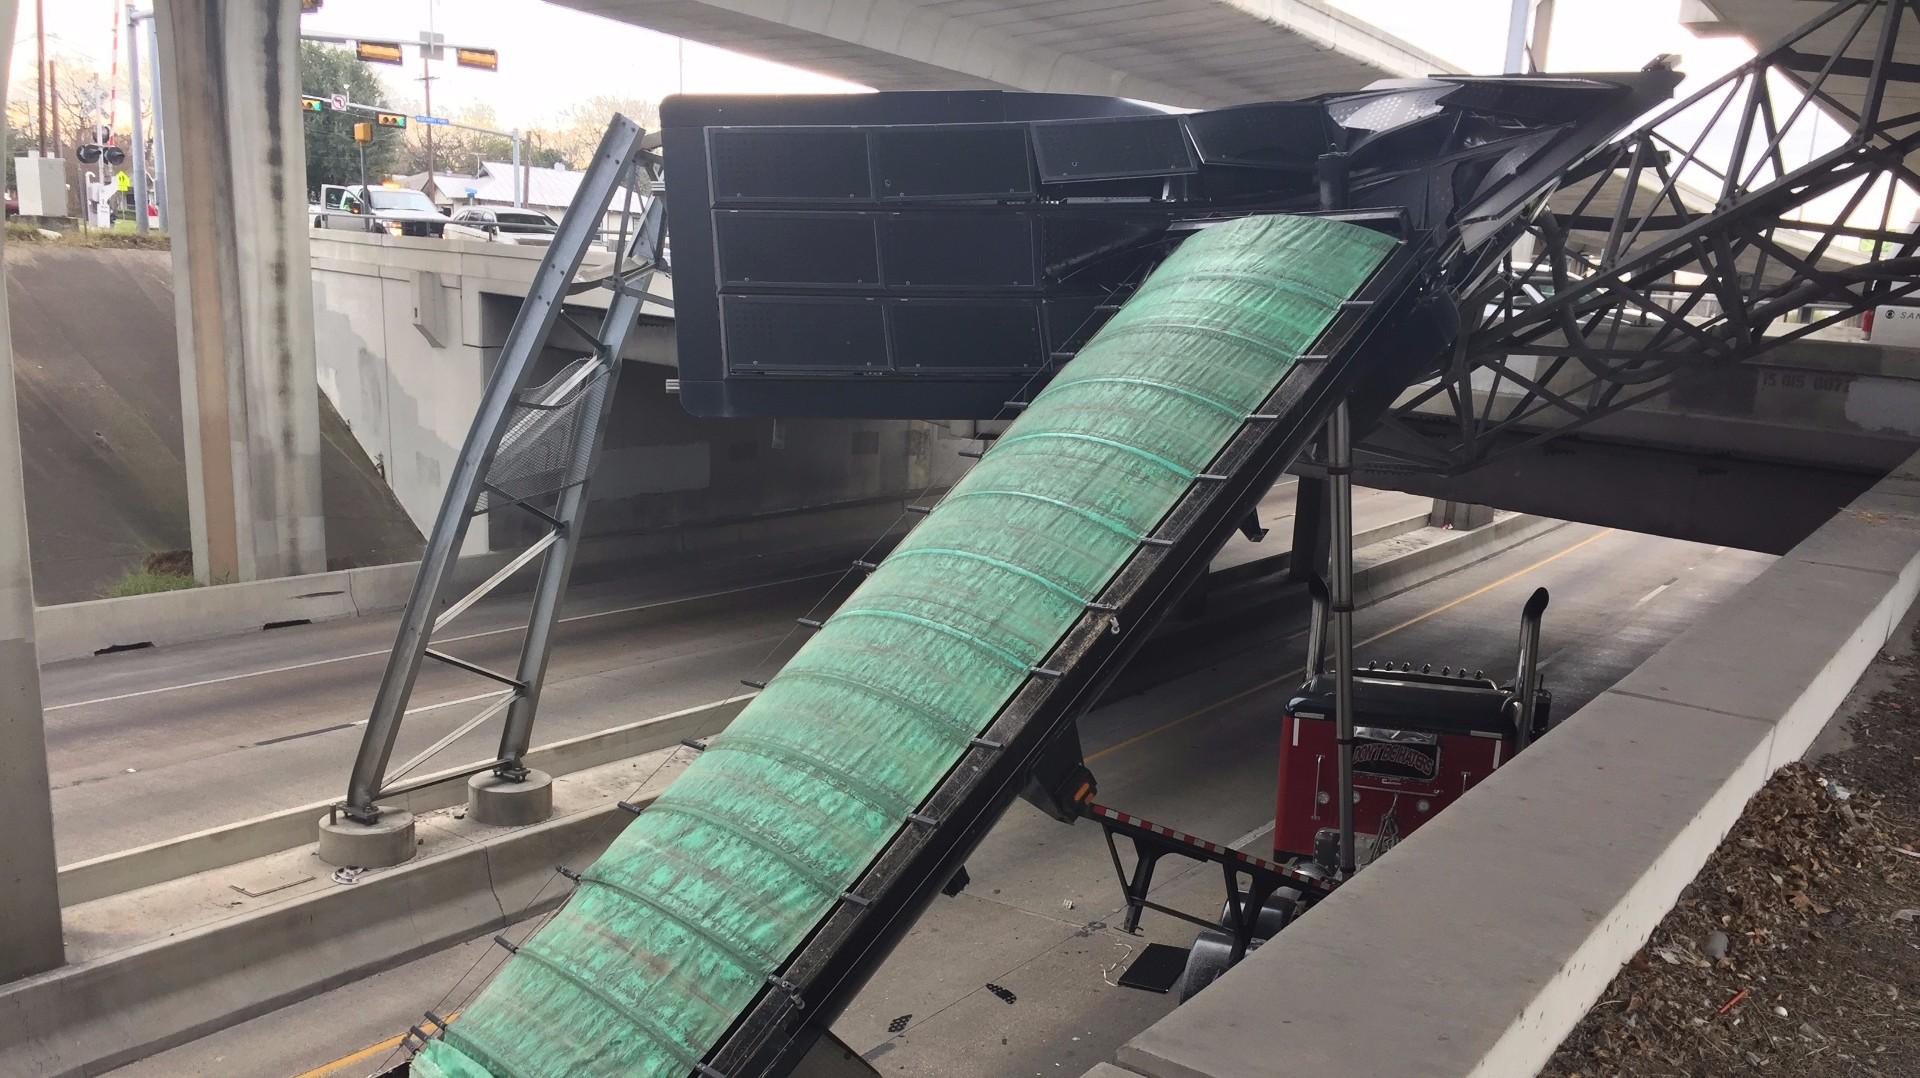 Big rig crash at I-10, Cincinnati blocks traffic   kens5.com